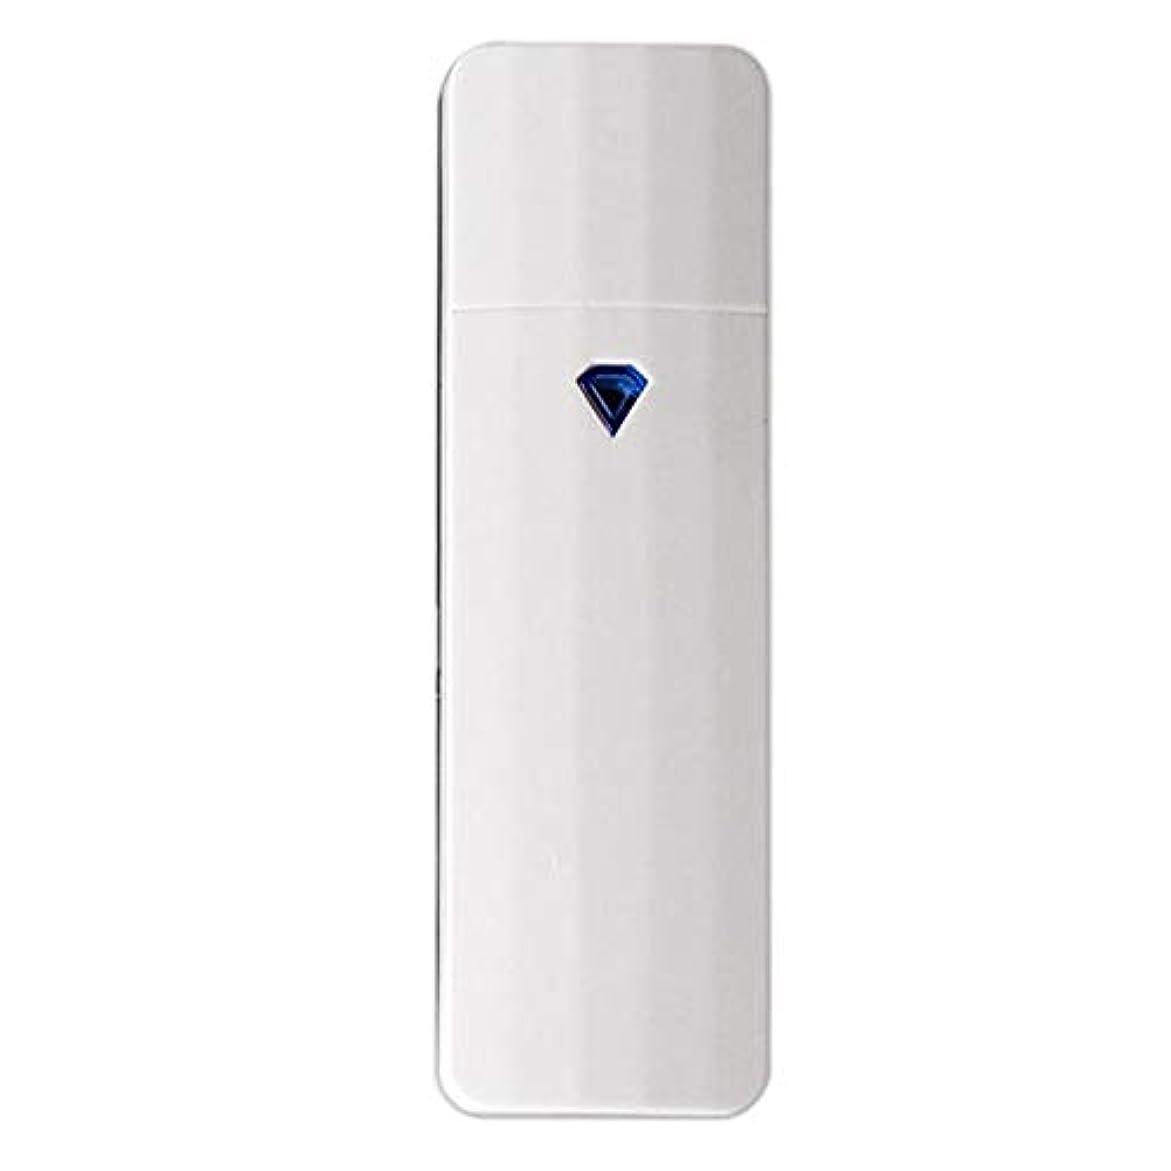 費やすアッティカス尊敬CUHAWUDBA 携帯用ナノ?スプレー、噴霧、便利なフェイシャル?スチーマー、噴霧器、Usb充電式面部保湿水和スプレー装置、美容器具(白色)